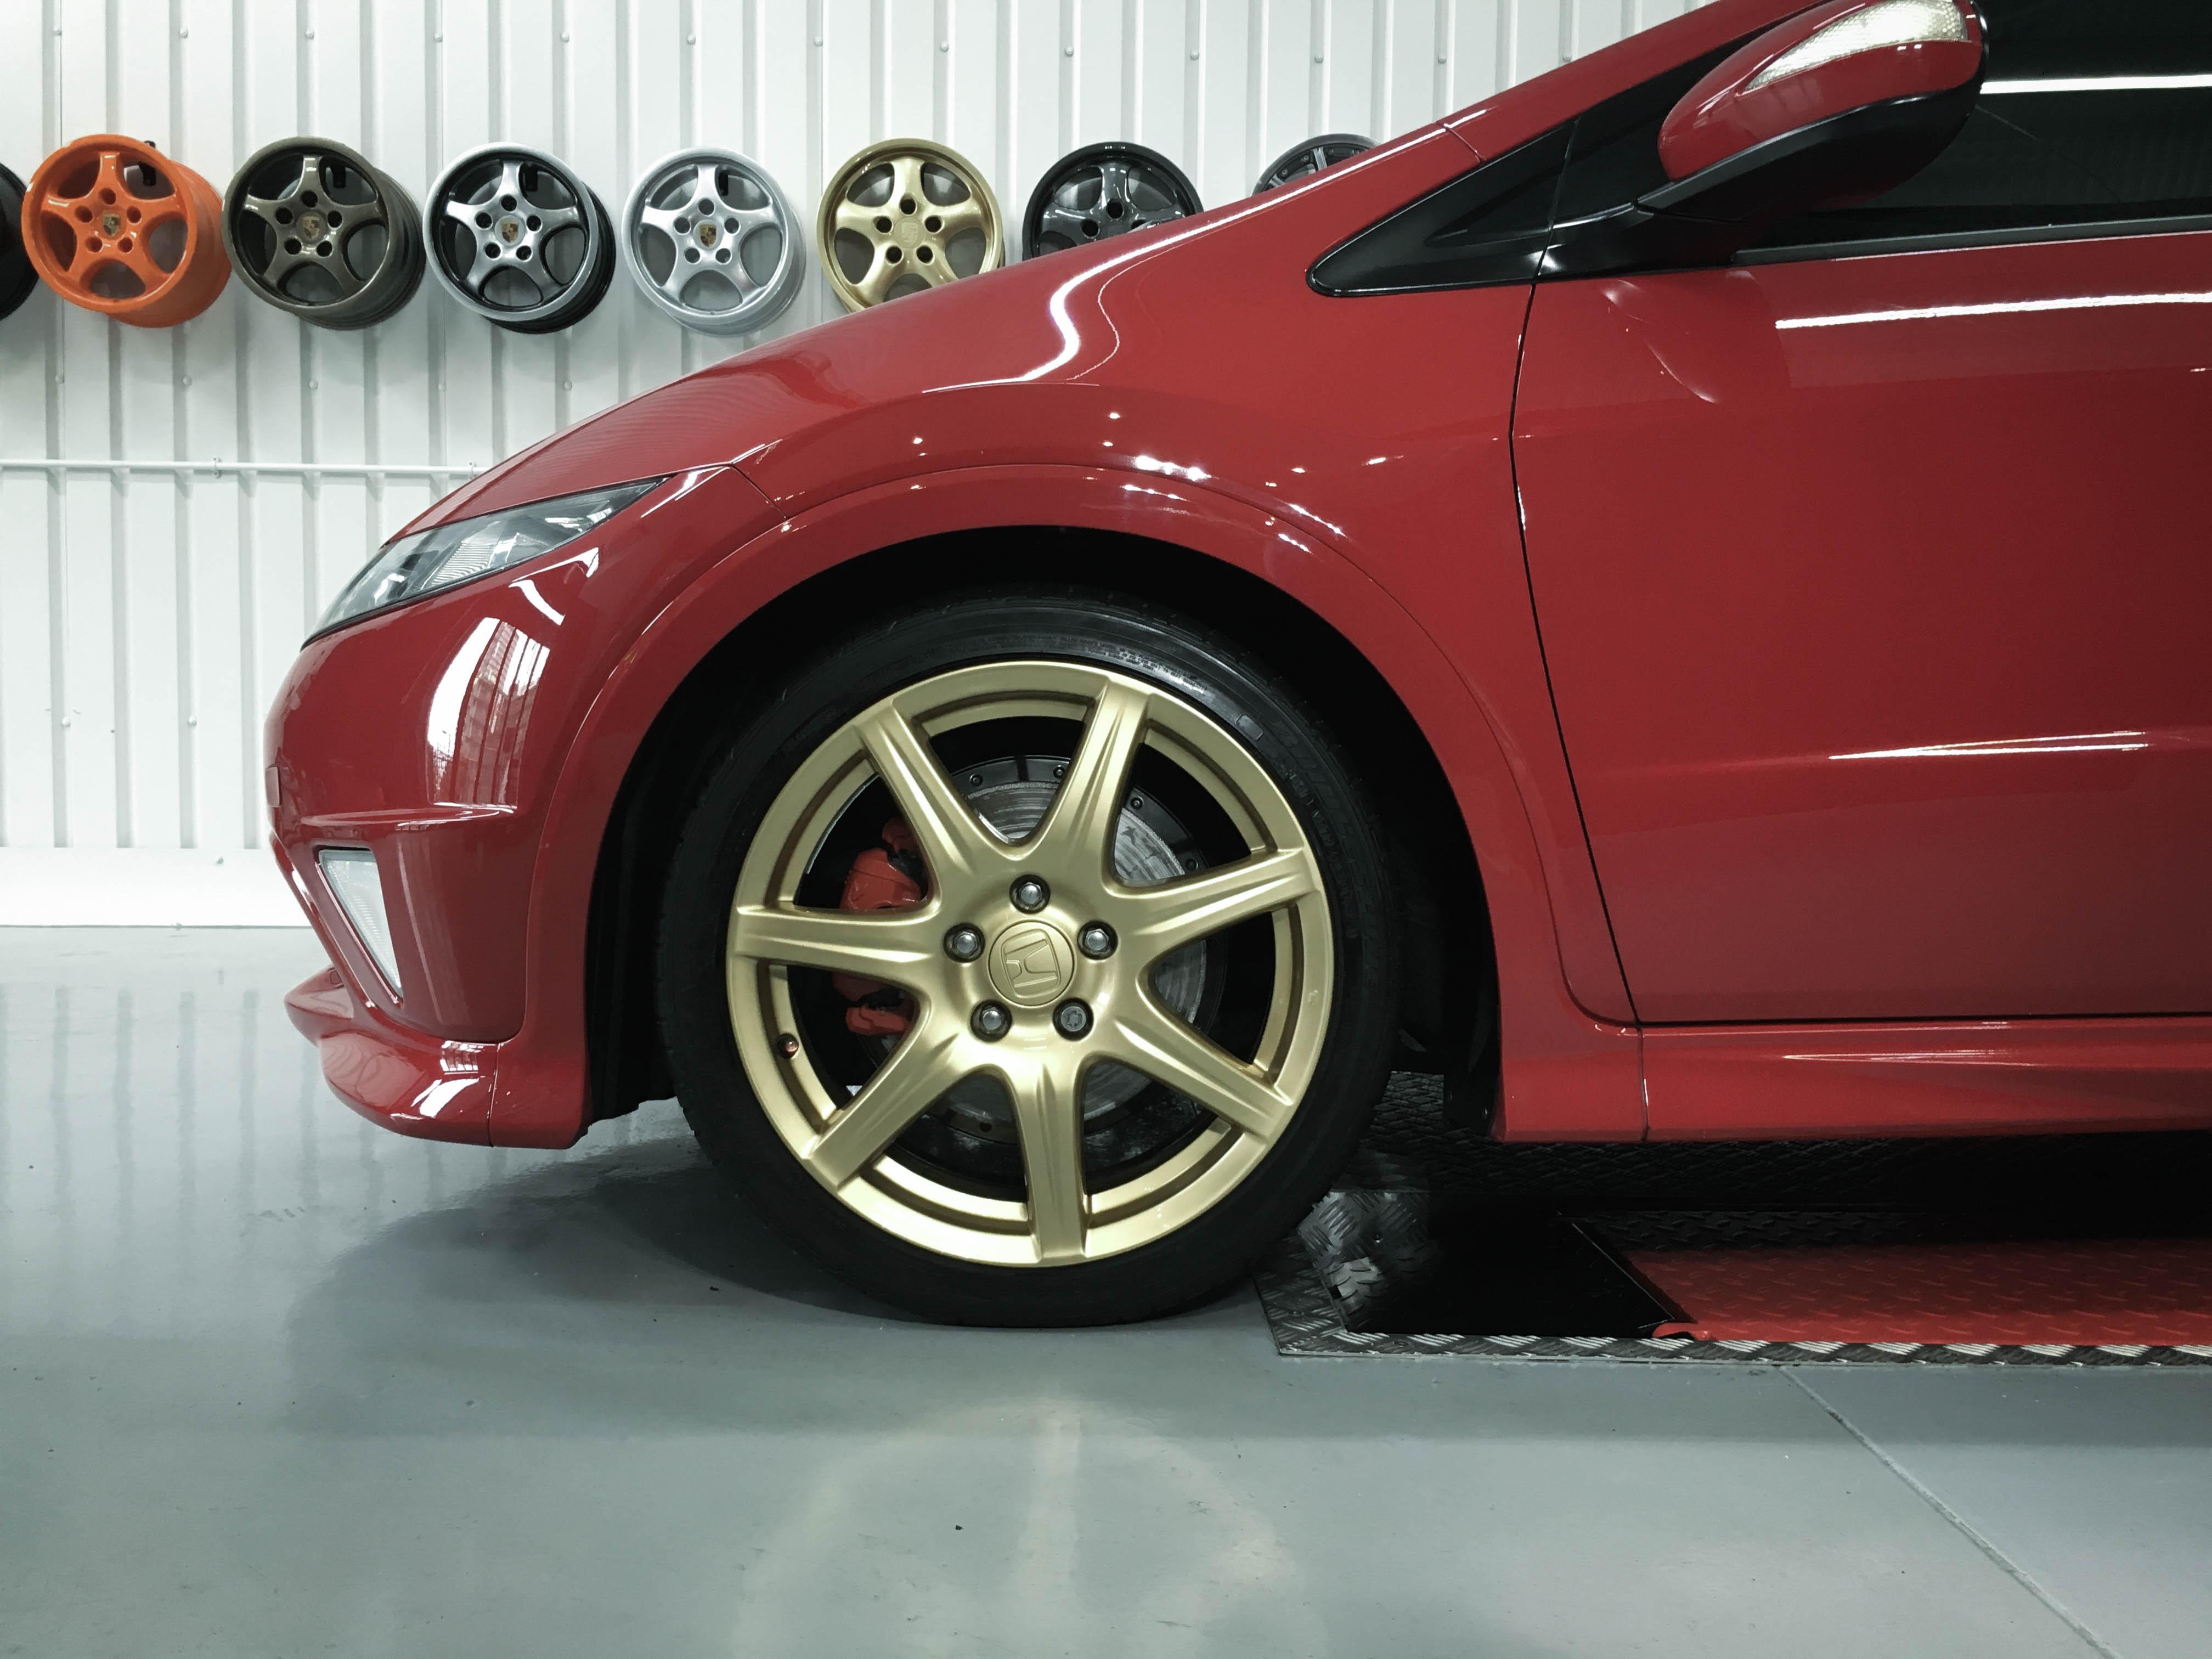 Honda Civic TypeR – Wheel